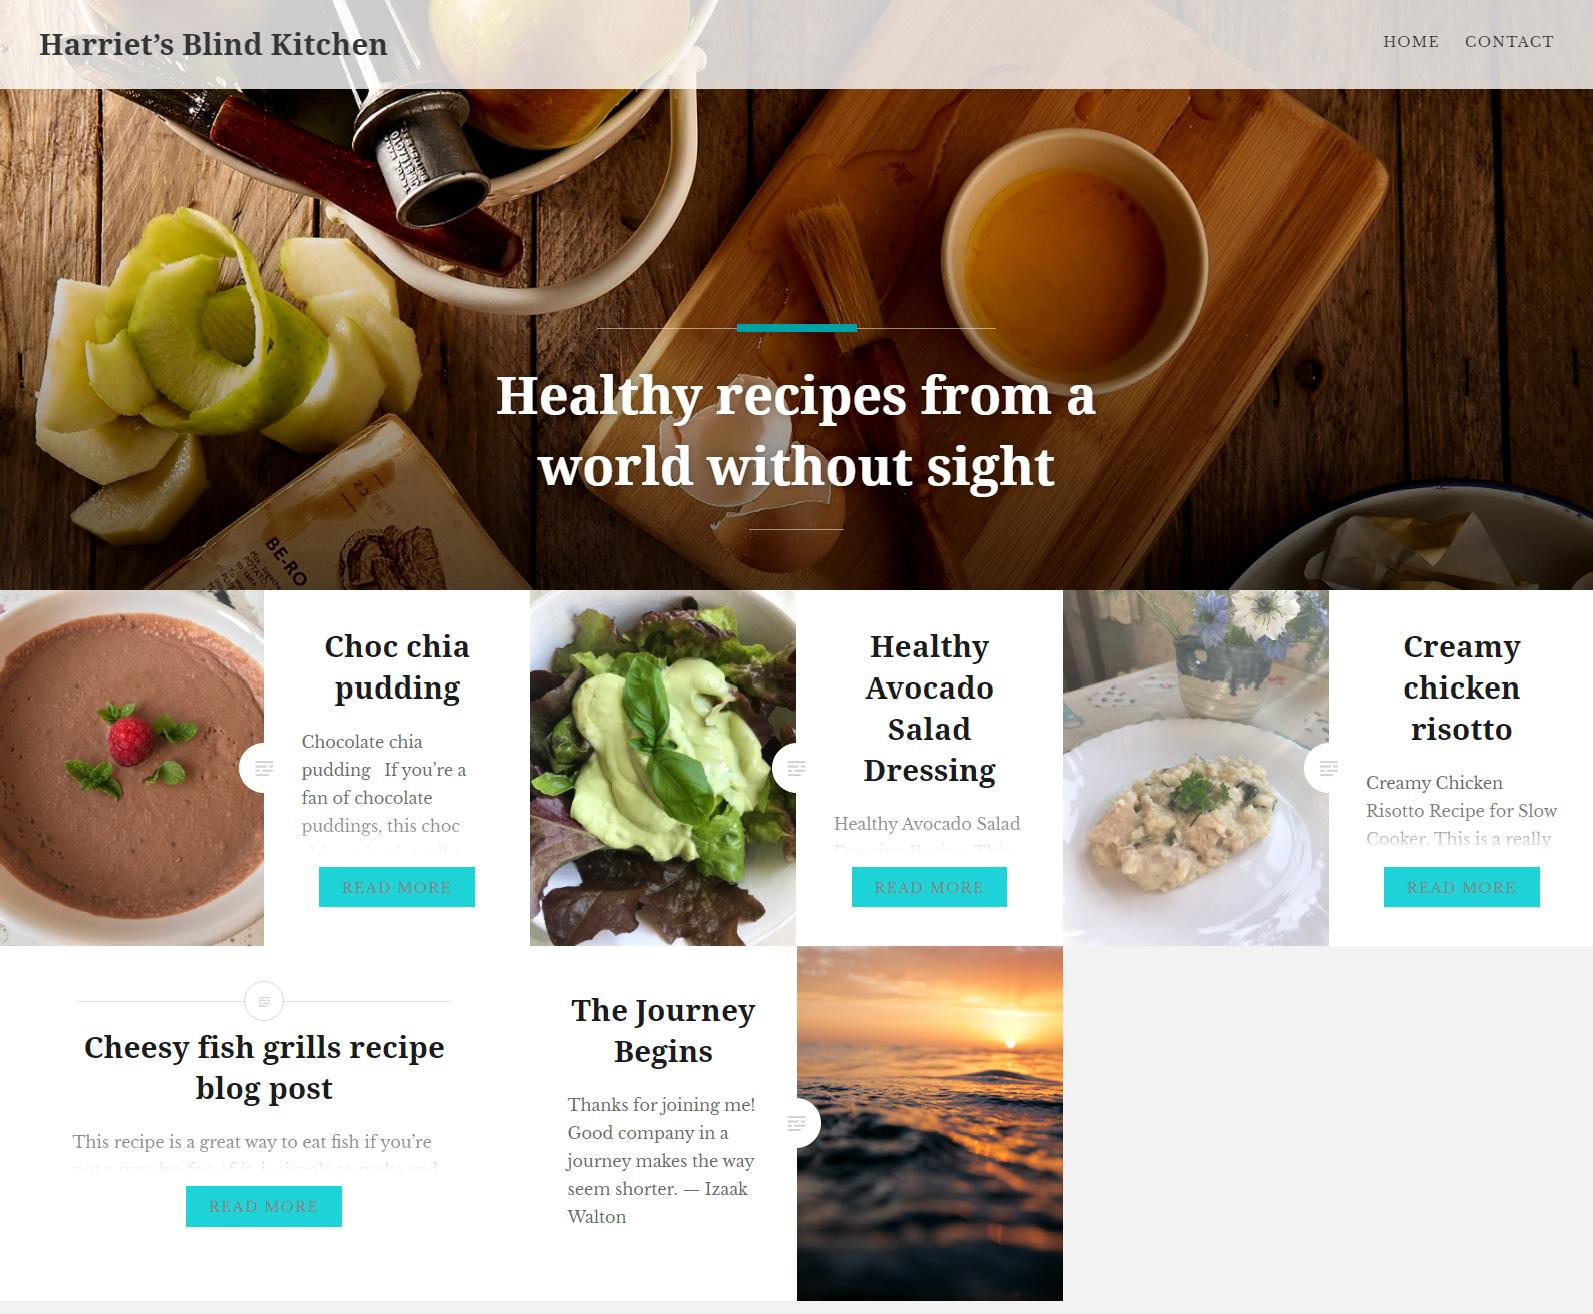 Harriet's Blind Kitchen Blog